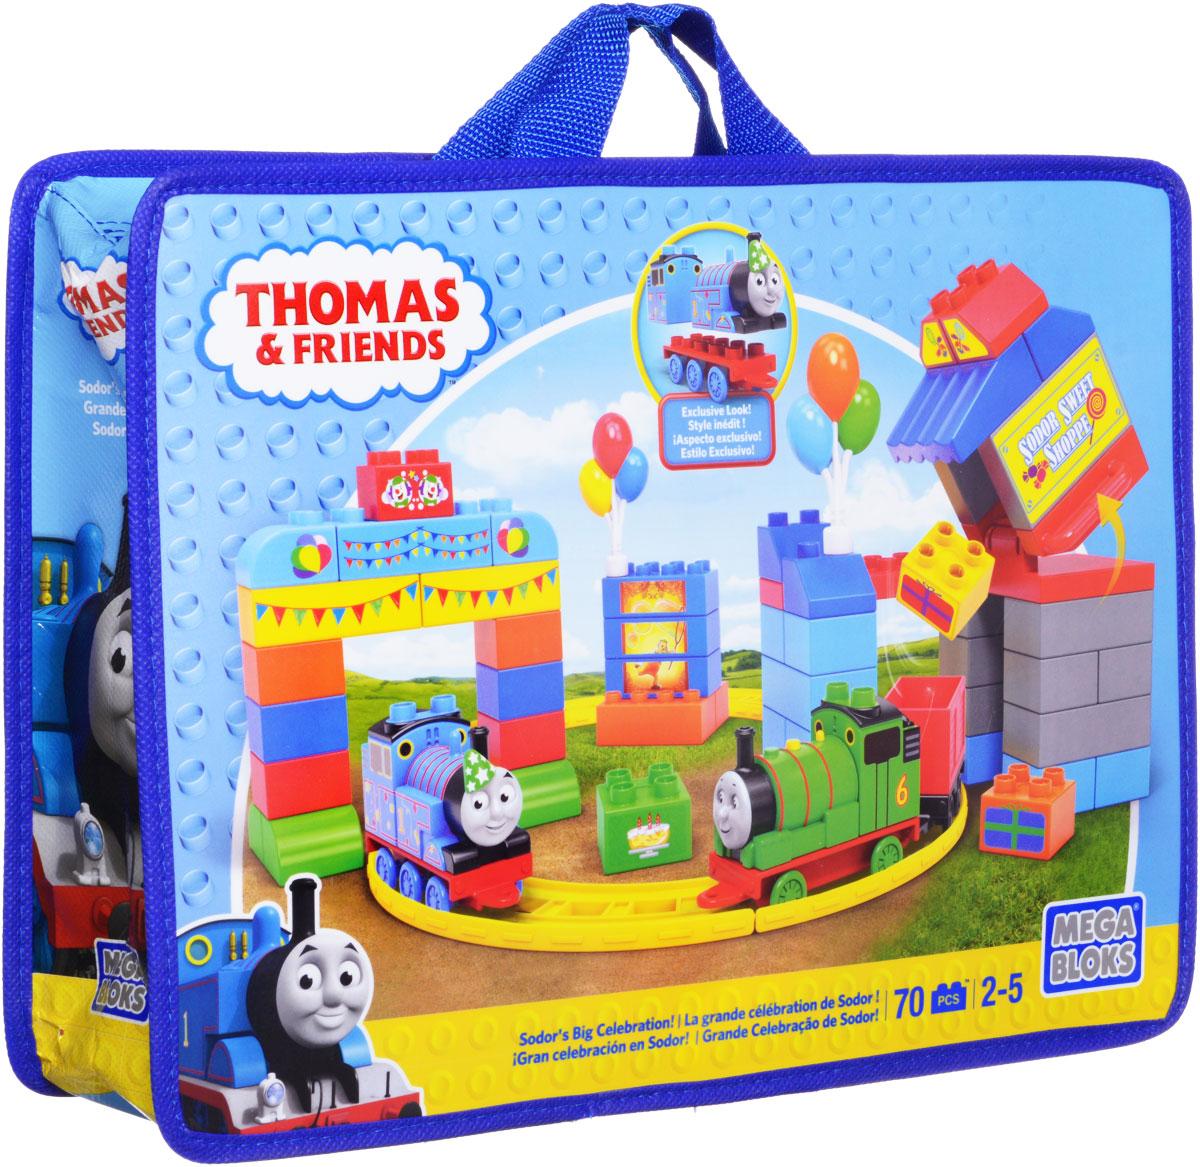 Mega Bloks Томас и друзья Конструктор День рождения Томаса конструкторы mega bloks томас и друзья томас и гарольд